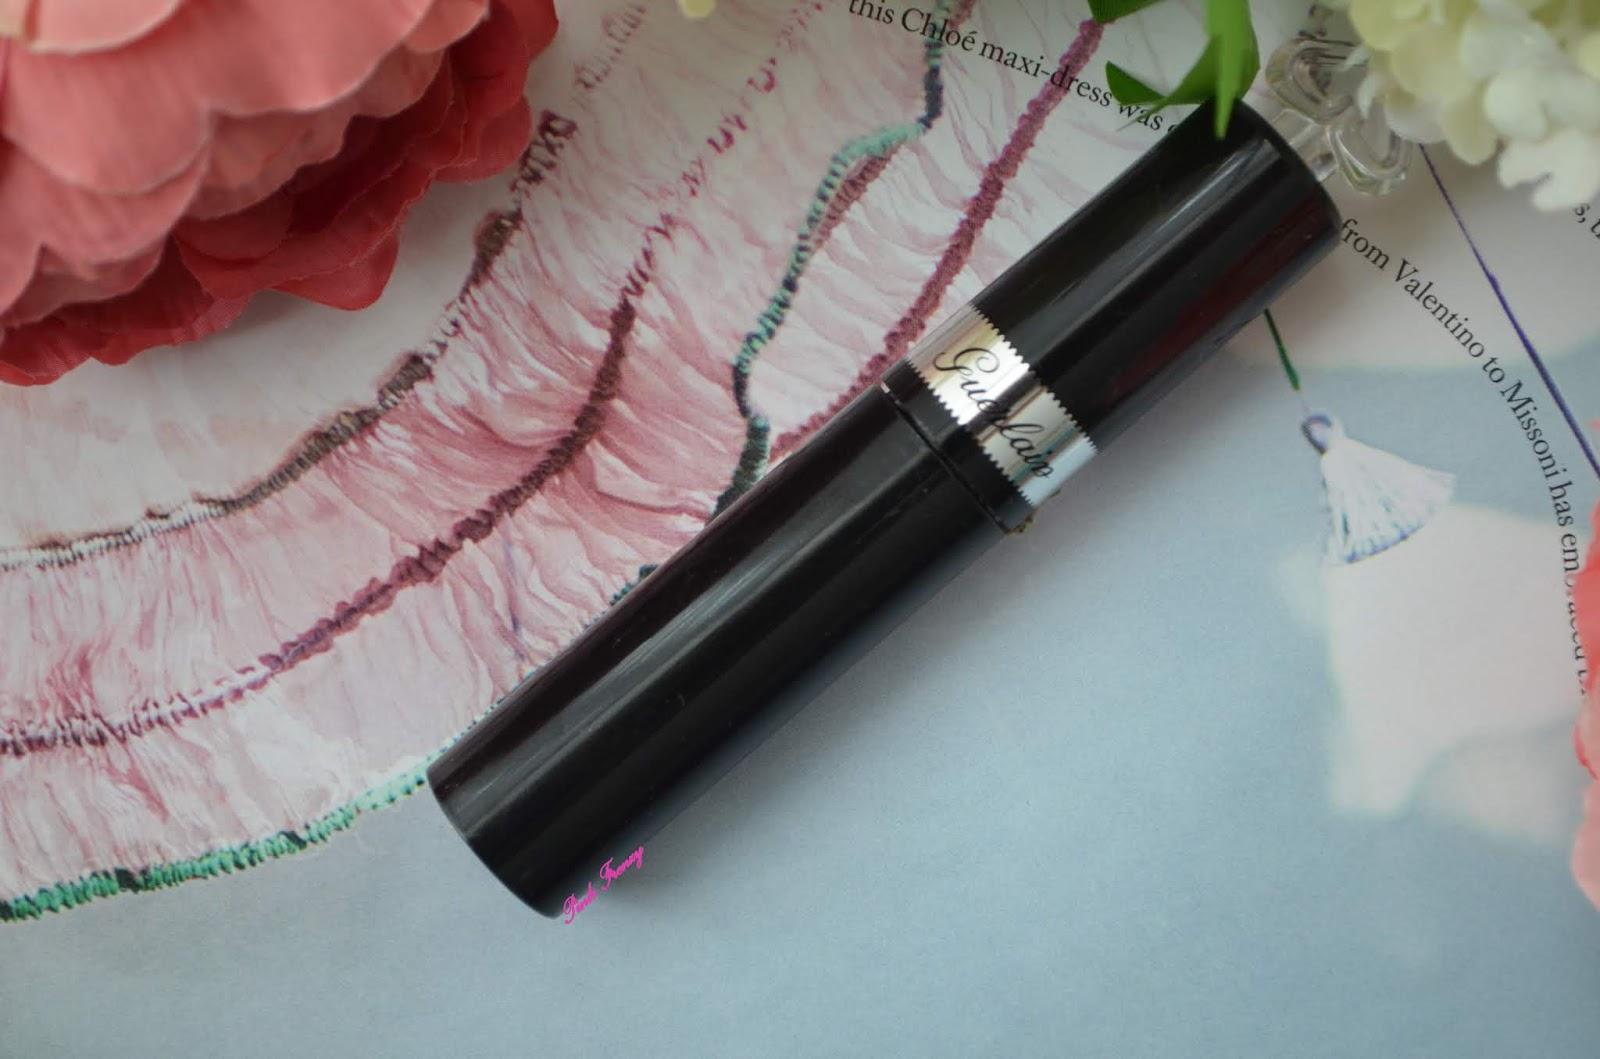 d66d75a0357 Pink Frenzy  Review  Guerlain La Petite Robe Noire Mascara